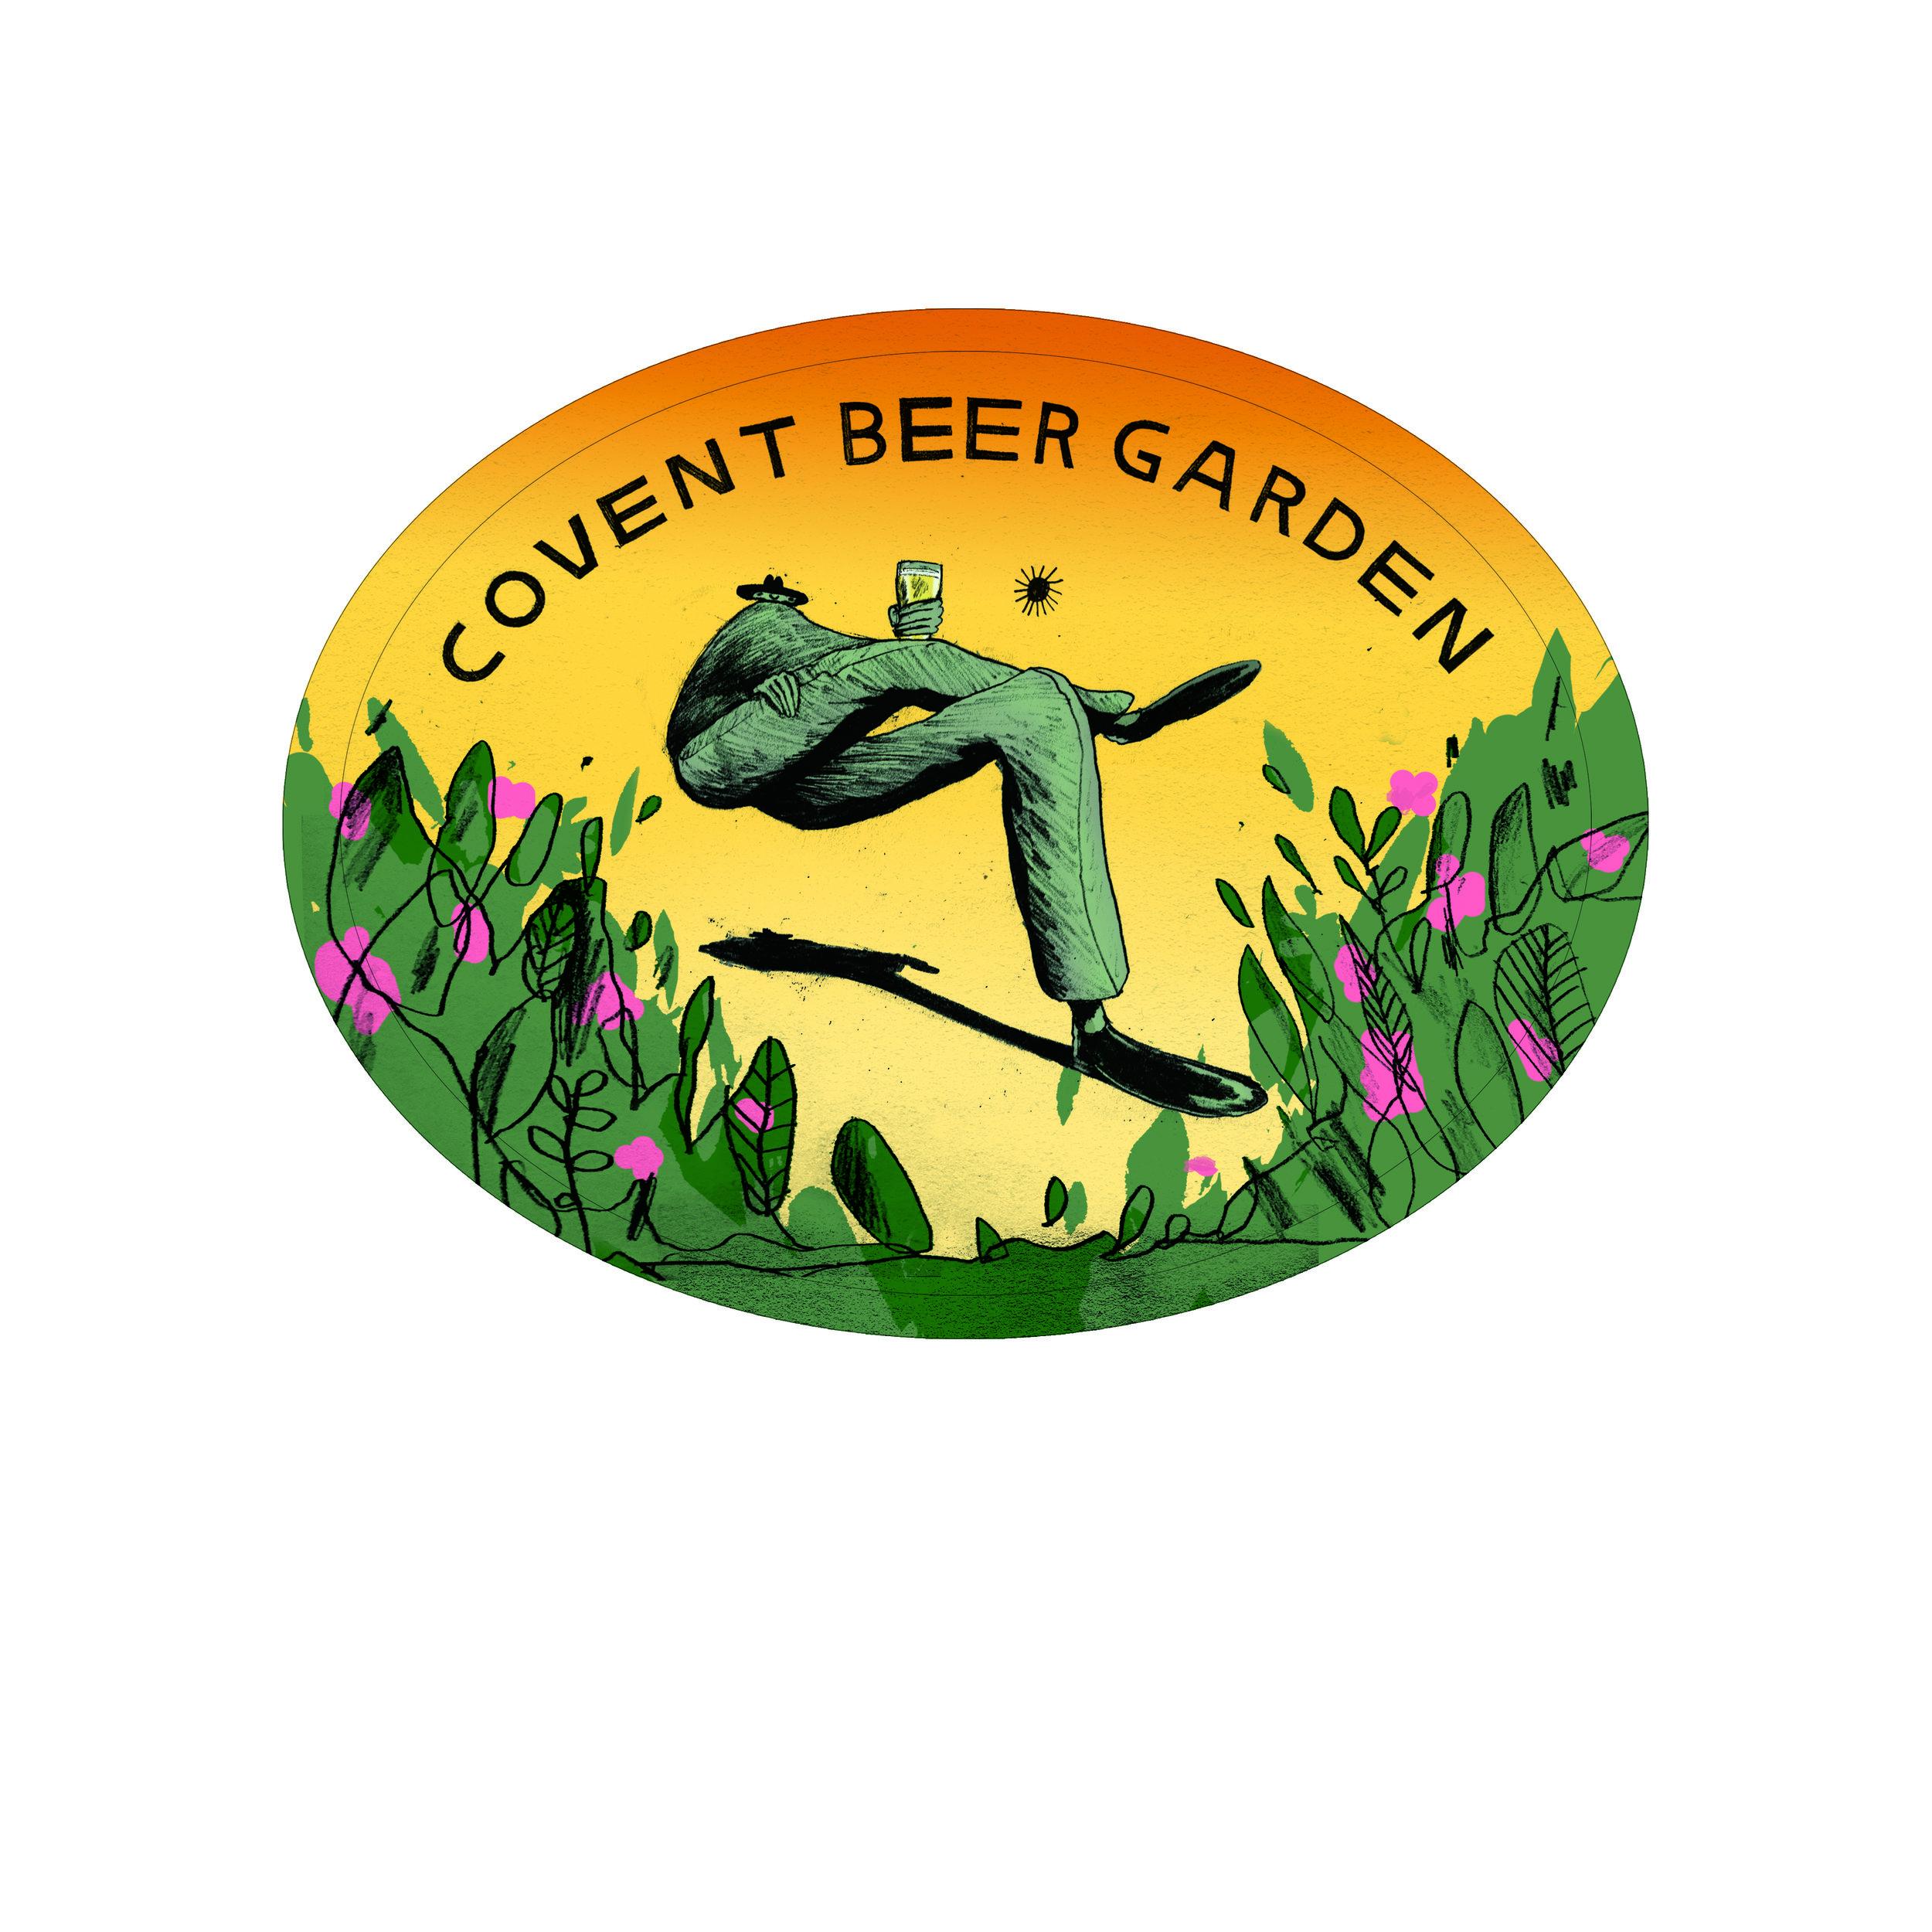 Covent Beer Garden Oval.jpg